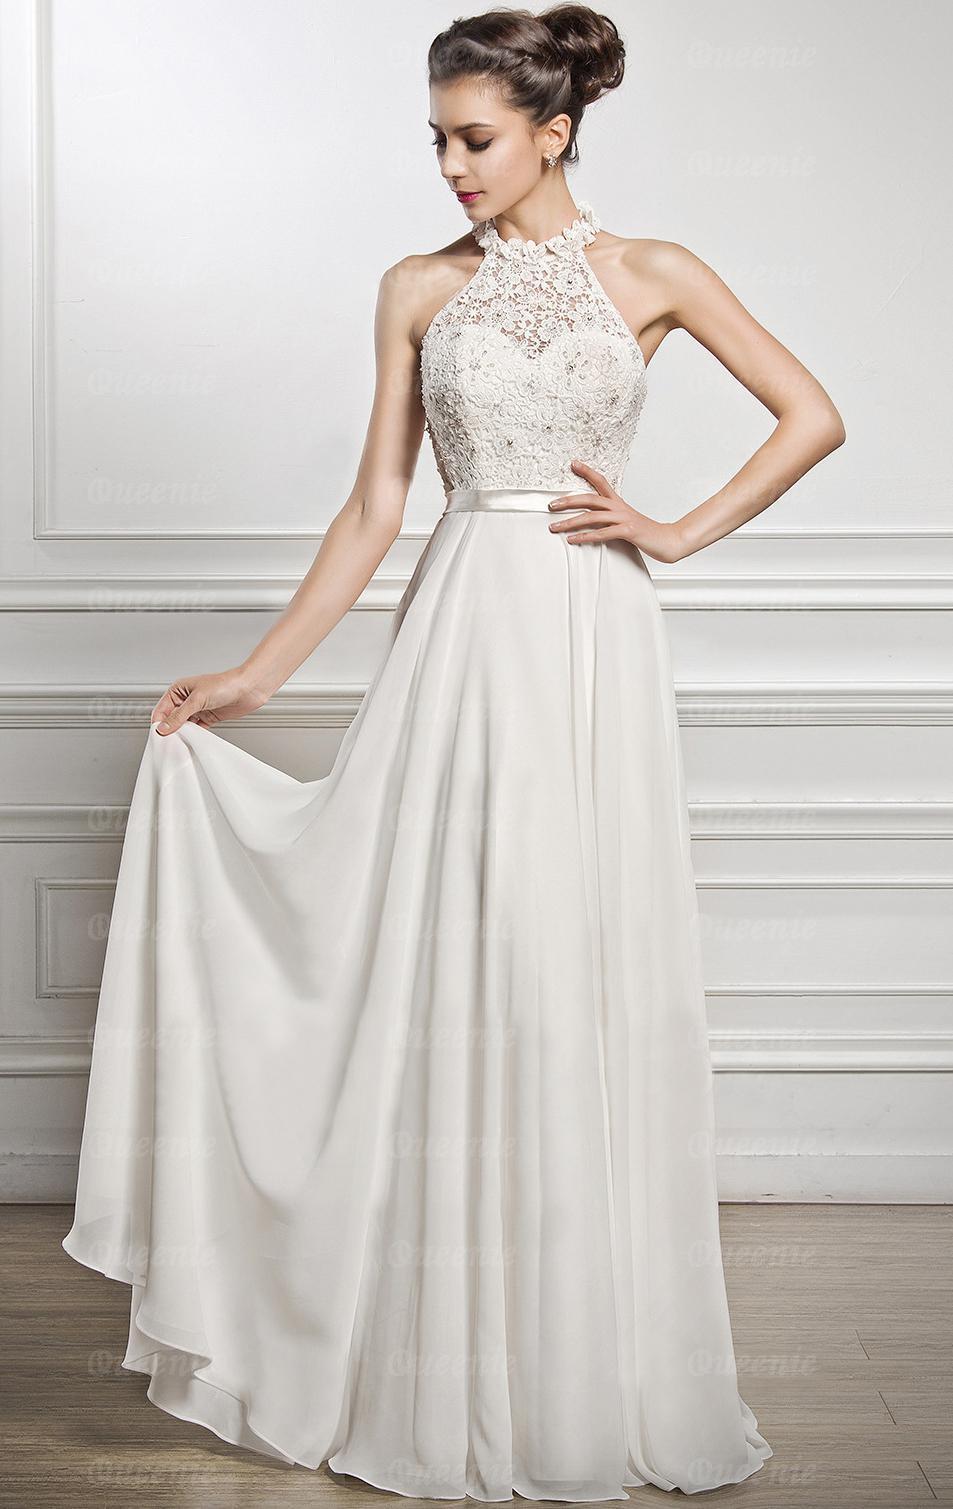 20 Großartig Abendkleid Weiß Stylish10 Fantastisch Abendkleid Weiß Galerie